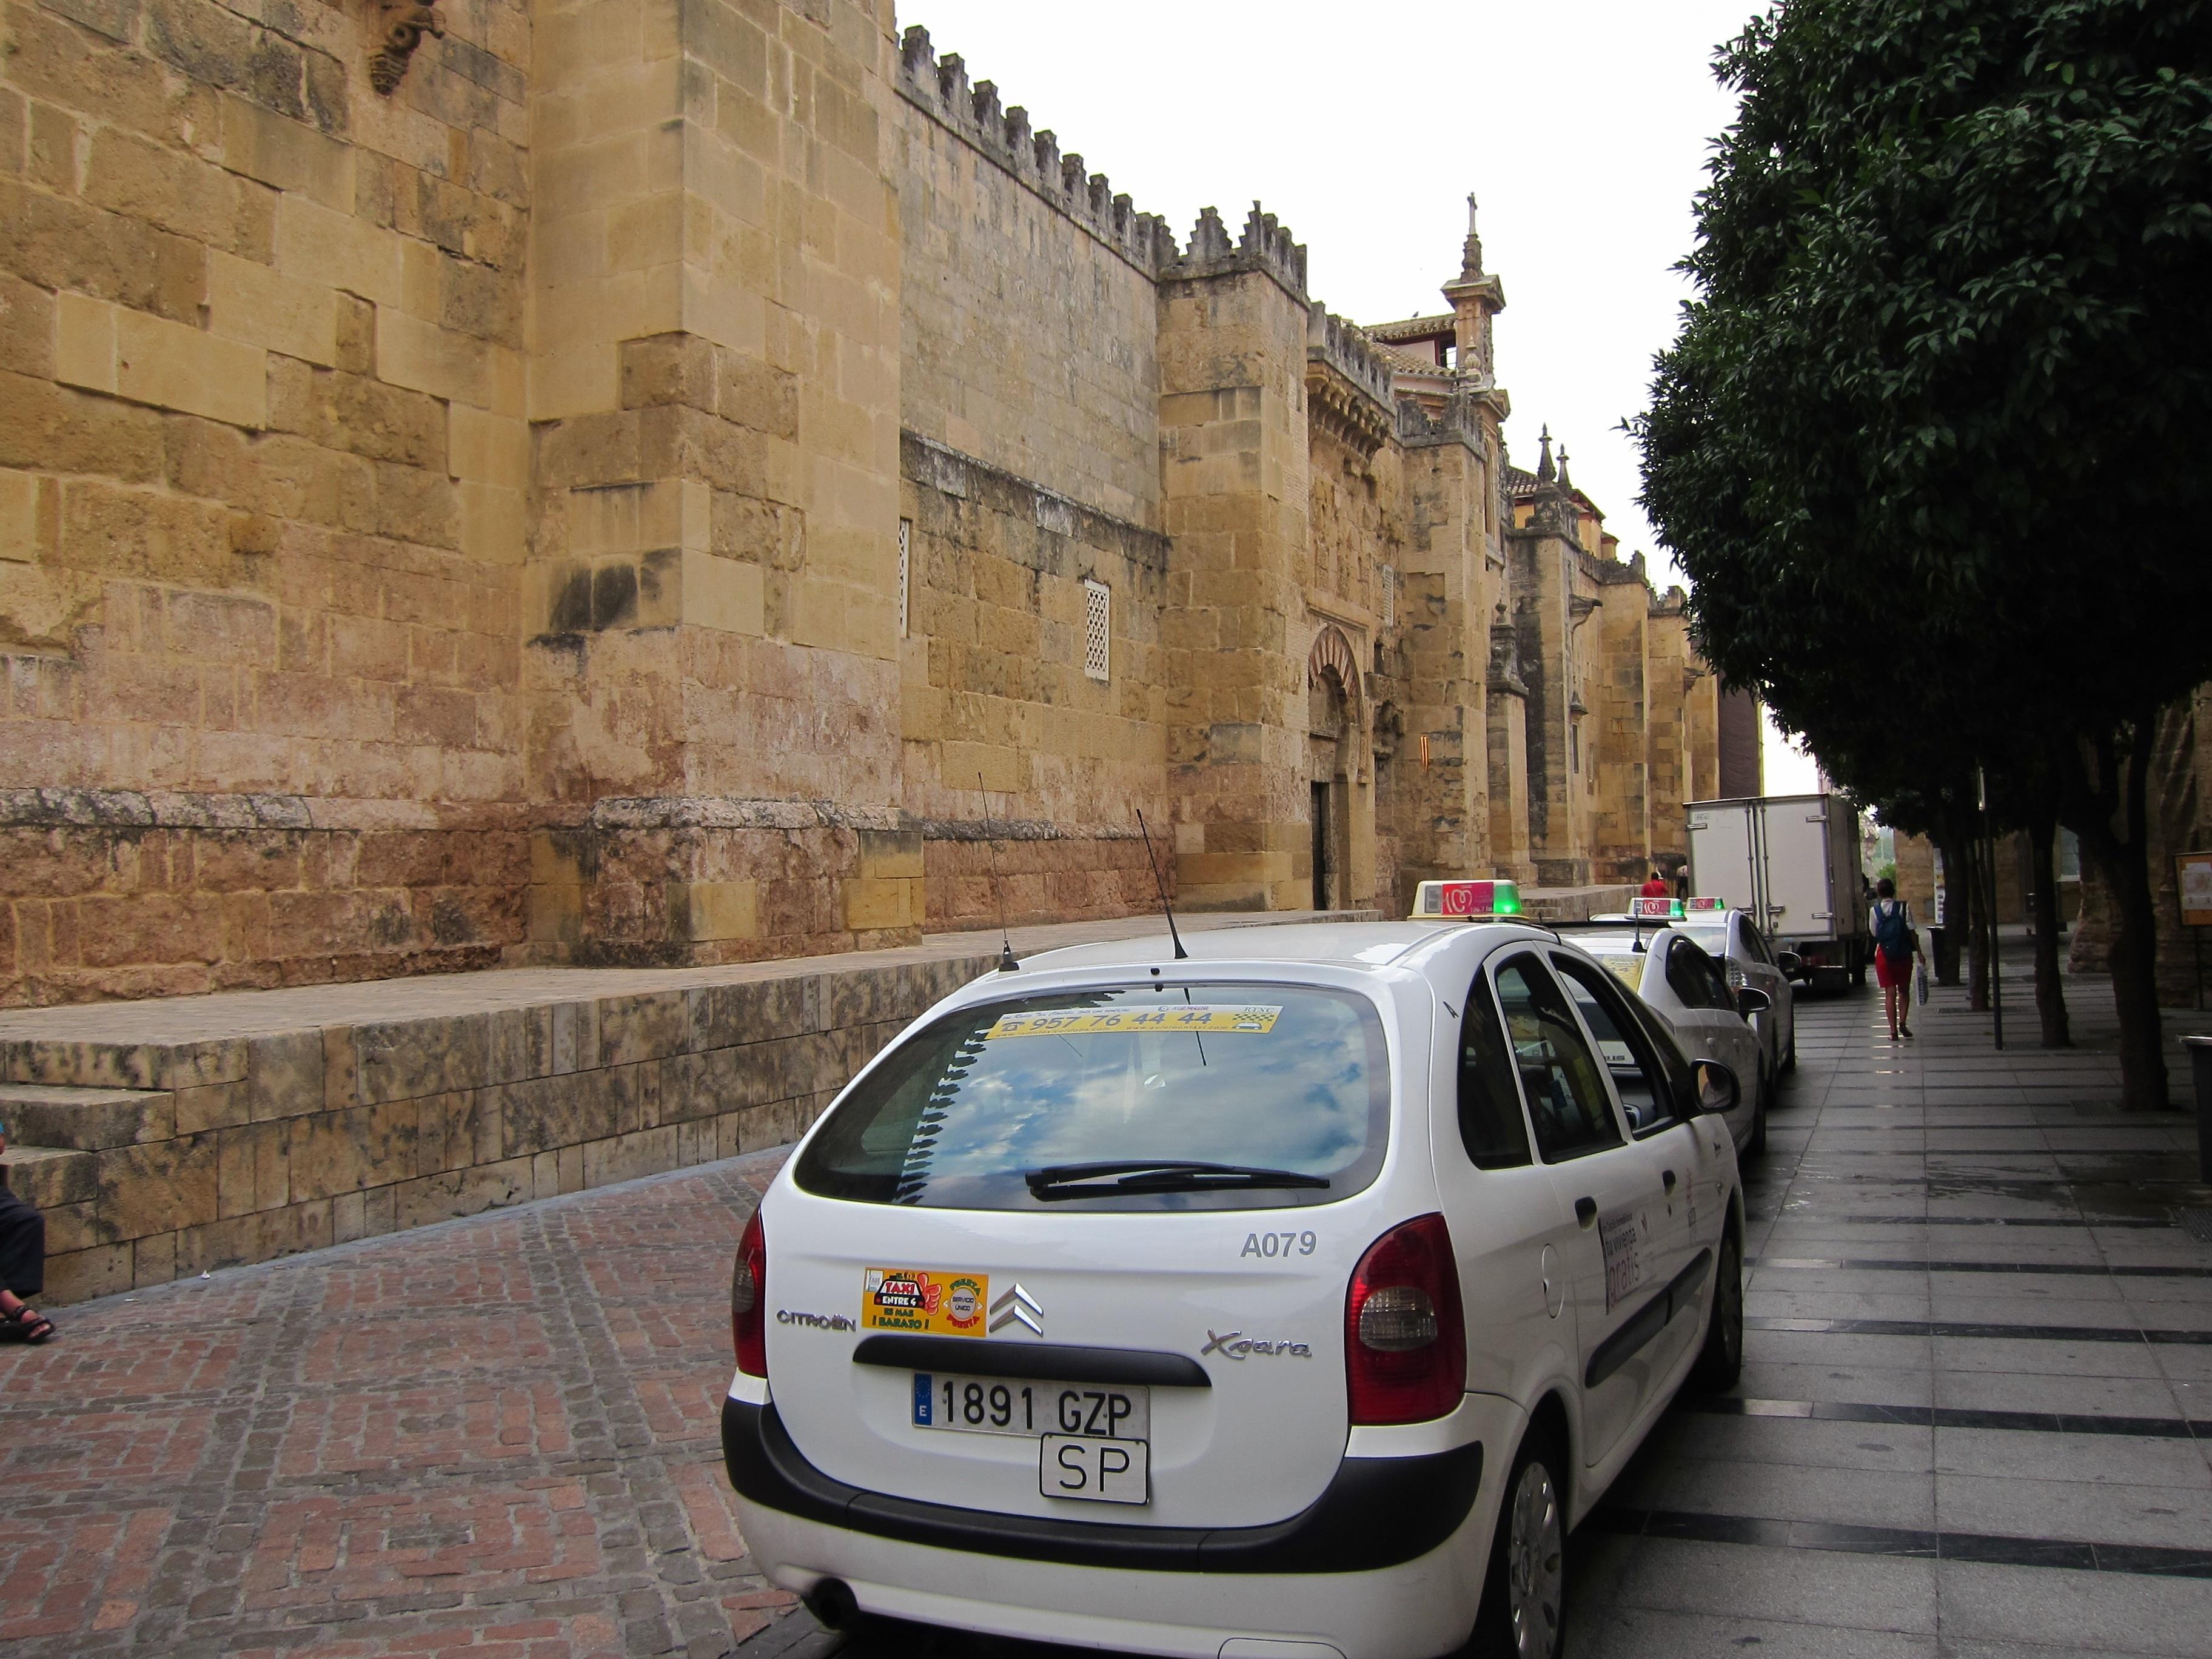 El Ayuntamiento aplica nuevas medidas para limitar el tráfico en el entorno de la Mezquita